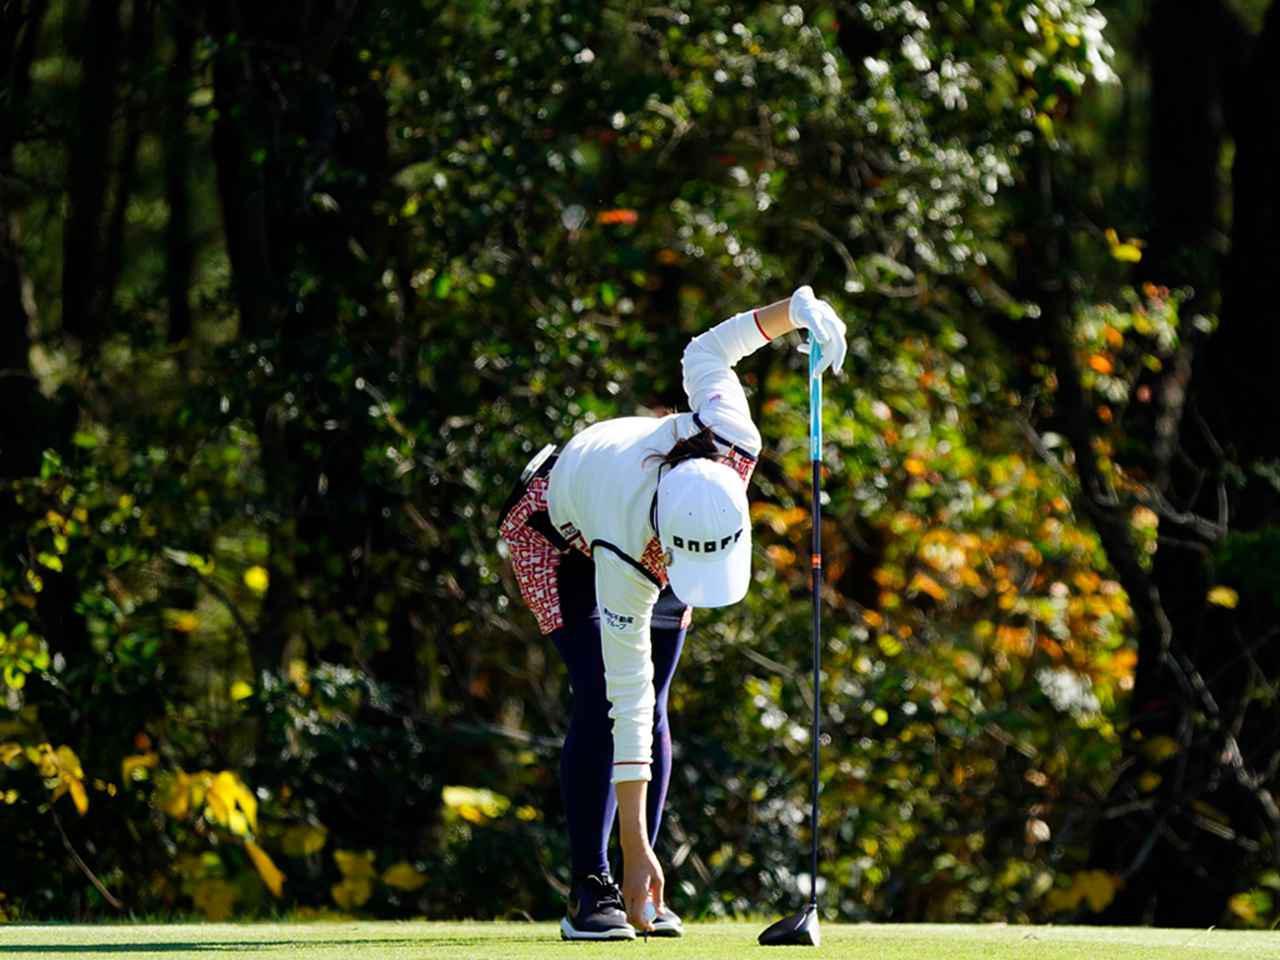 """画像49: 【プレショットルーティン調査】女子プロゴルファー上位32人をチェック! 2タイプに分かれた""""アドレスの入り方"""""""